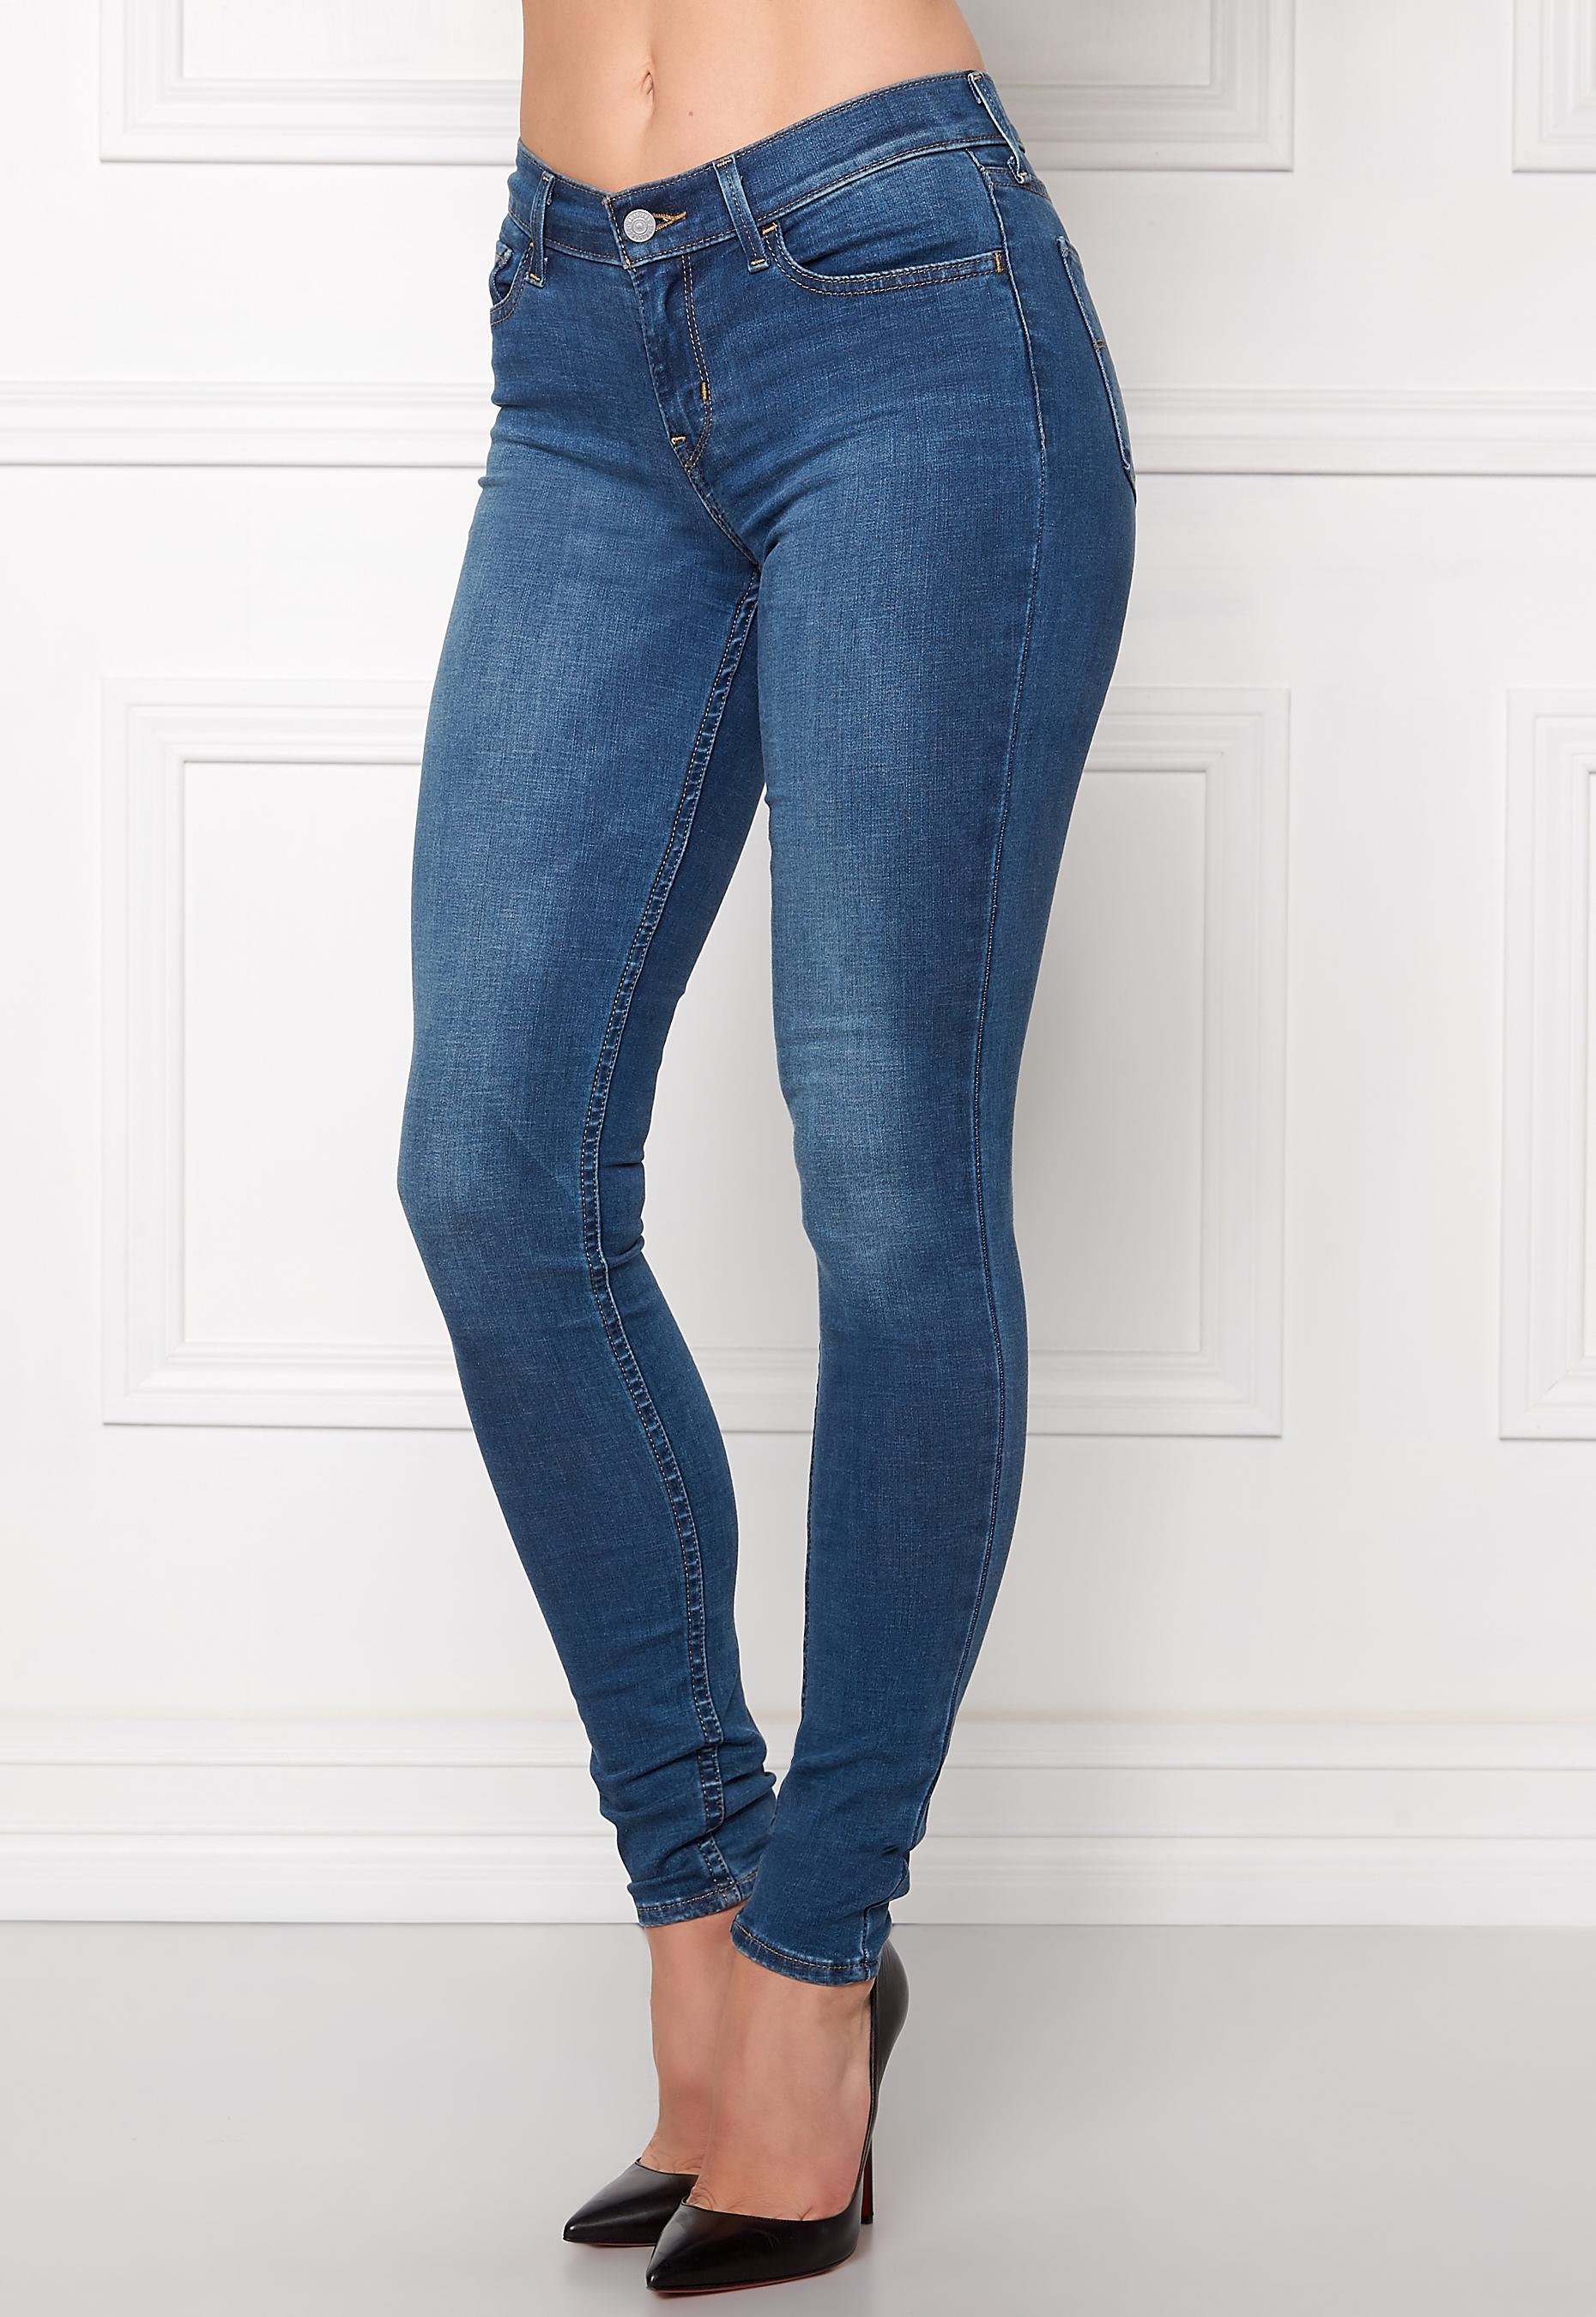 levi 39 s super skinny jeans denim spirit song 0012 bubbleroom. Black Bedroom Furniture Sets. Home Design Ideas